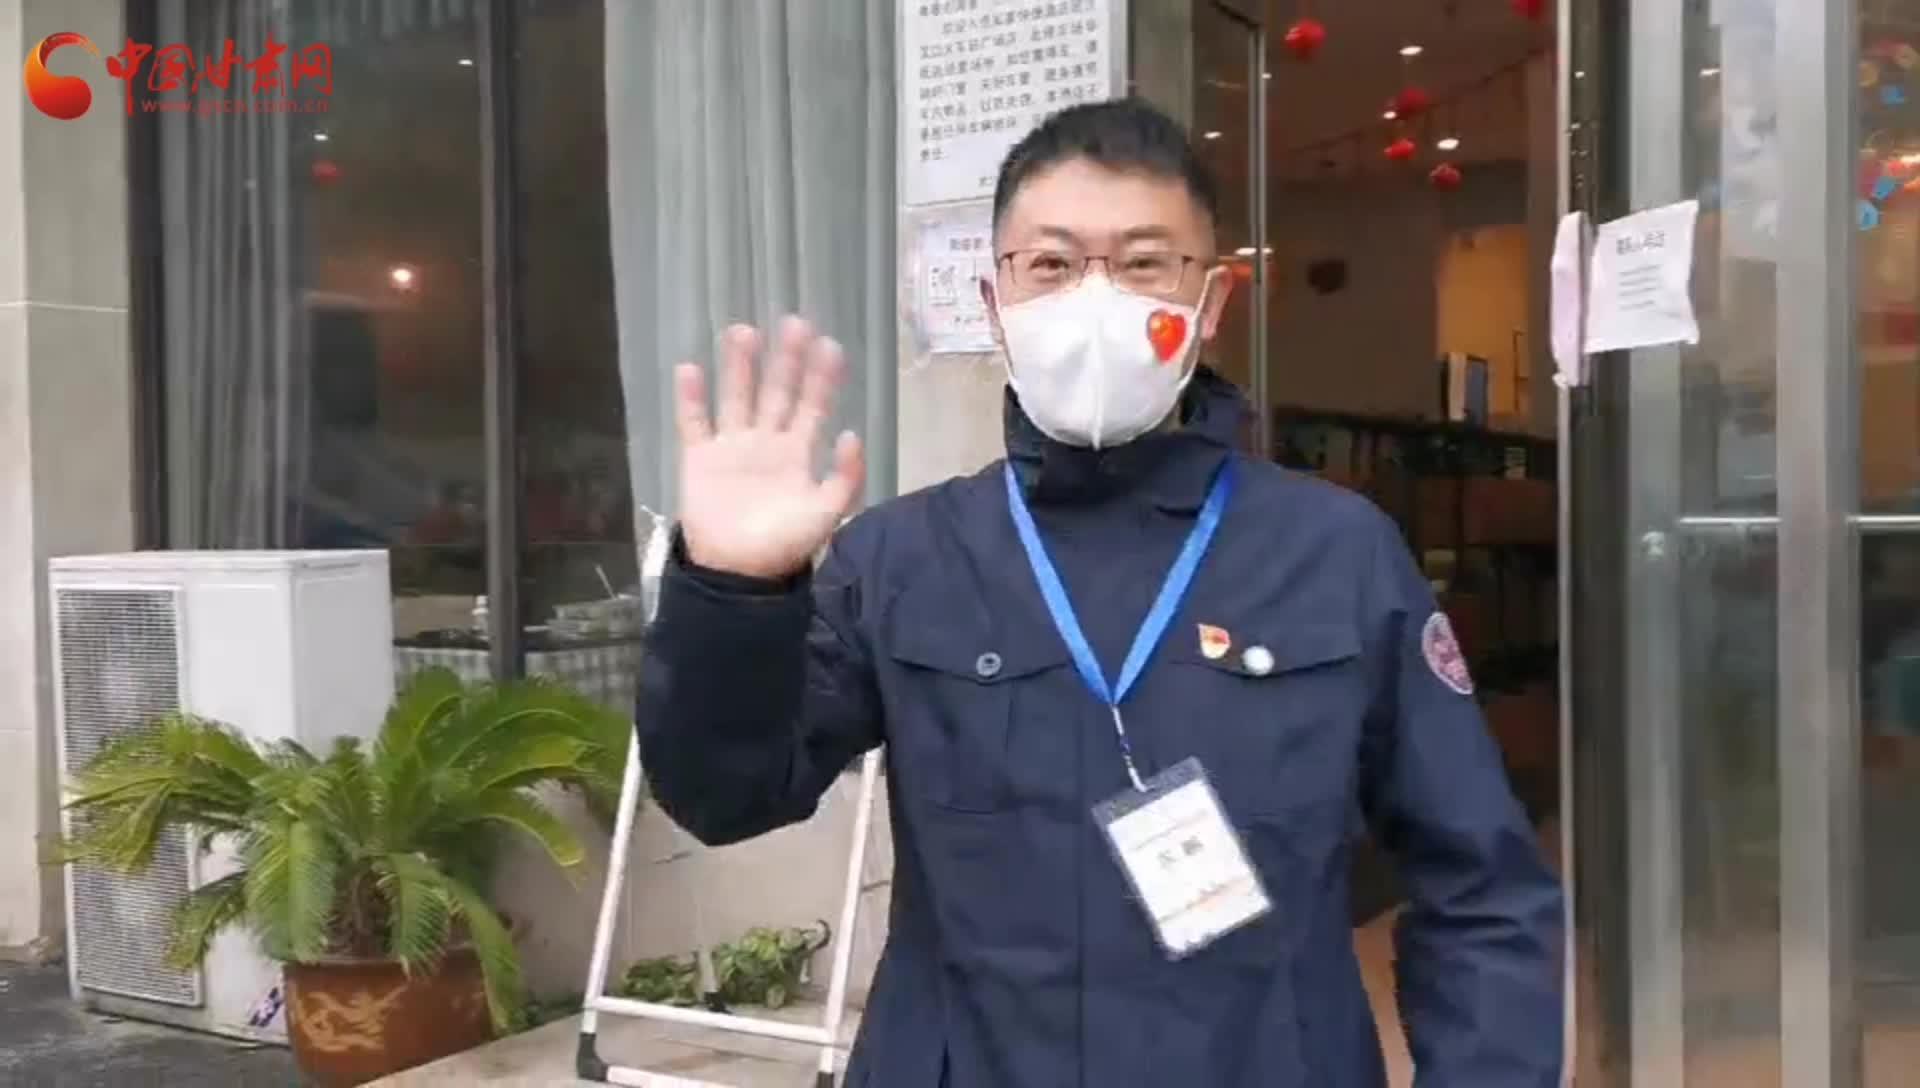 收官!甘肃省援助湖北最后一批医护人员今日凯旋归来(文图+视频)